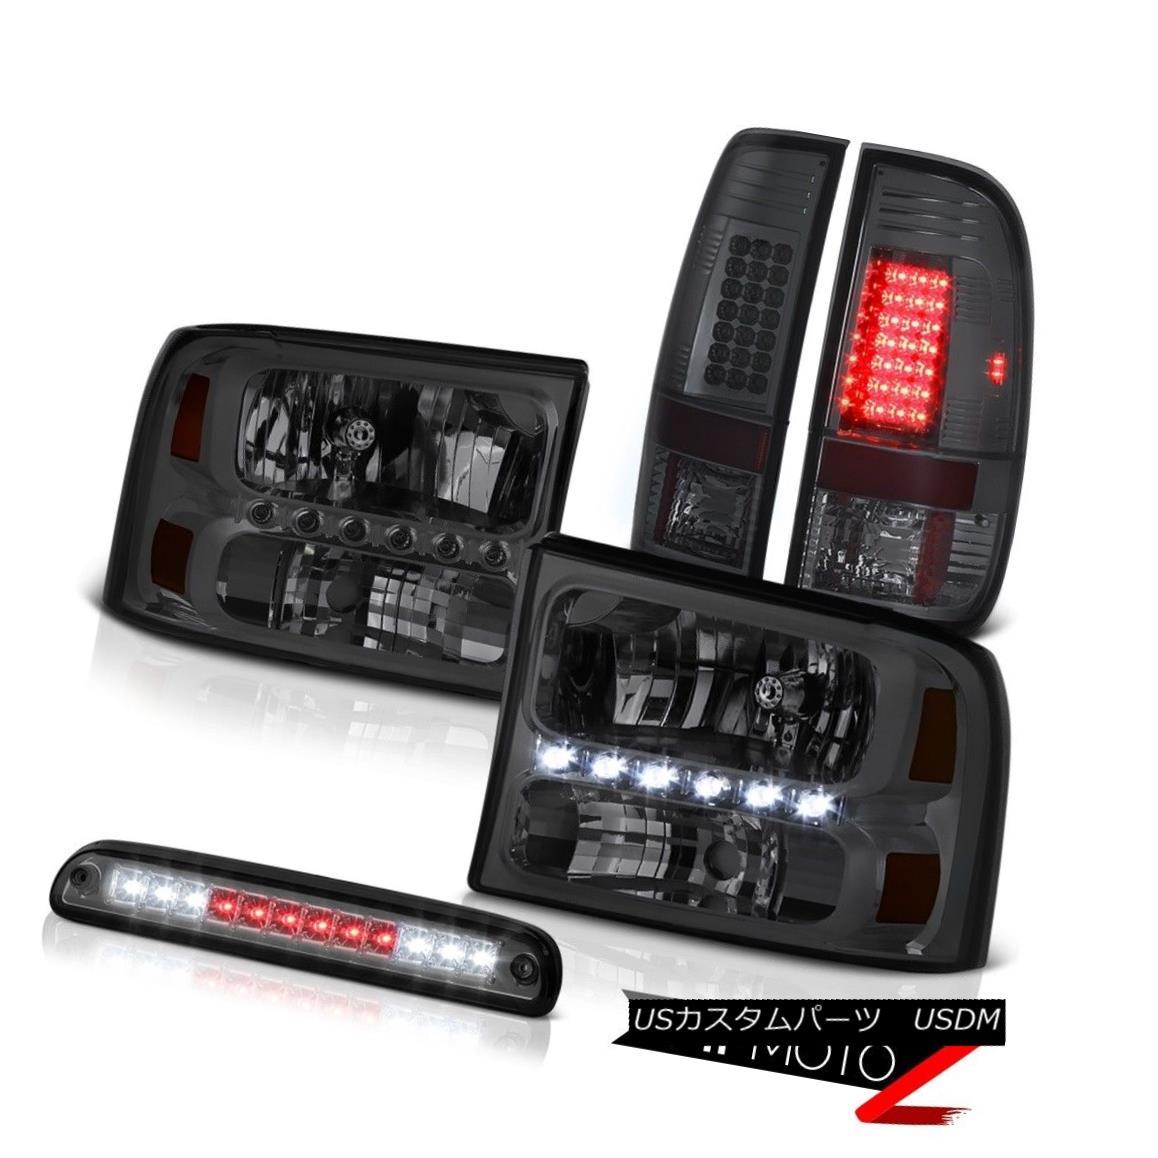 テールライト Tinted Headlamps Roof Stop LED Blubs Third Brake TailLights 1999-2004 F250 6.8L 着色ヘッドランプルーフストップLED電球第3ブレーキテールライト1999-2004 F250 6.8L